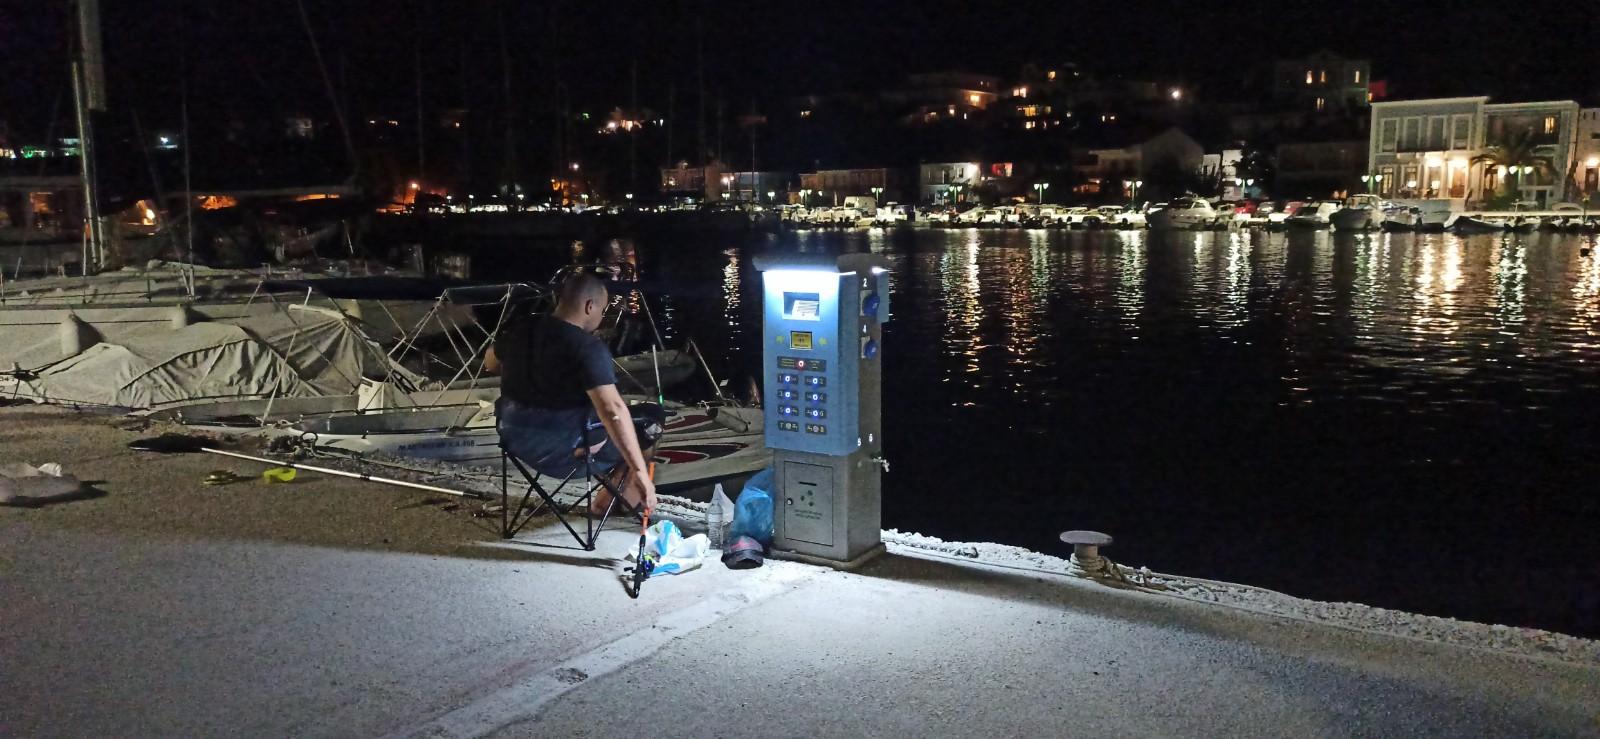 Πάλαιρος: Εγκαταστάθηκαν πίλαρ στο λιμάνι (φωτο)